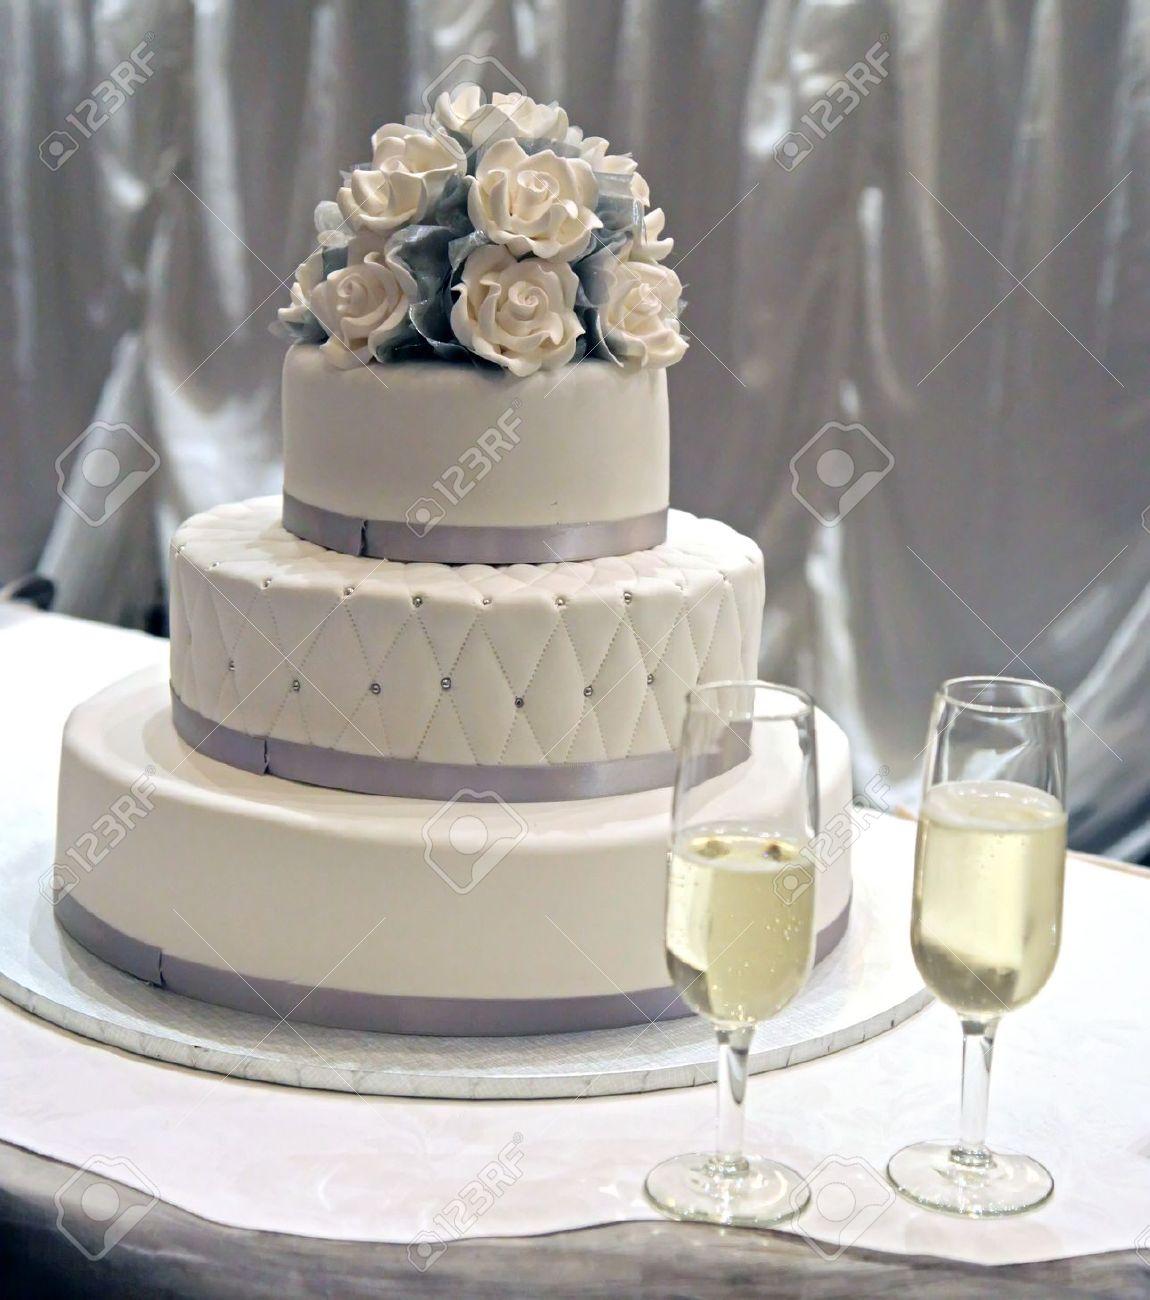 Einen Weissen Hochzeit Kuchen Mit Weissen Puderzucker Rosen